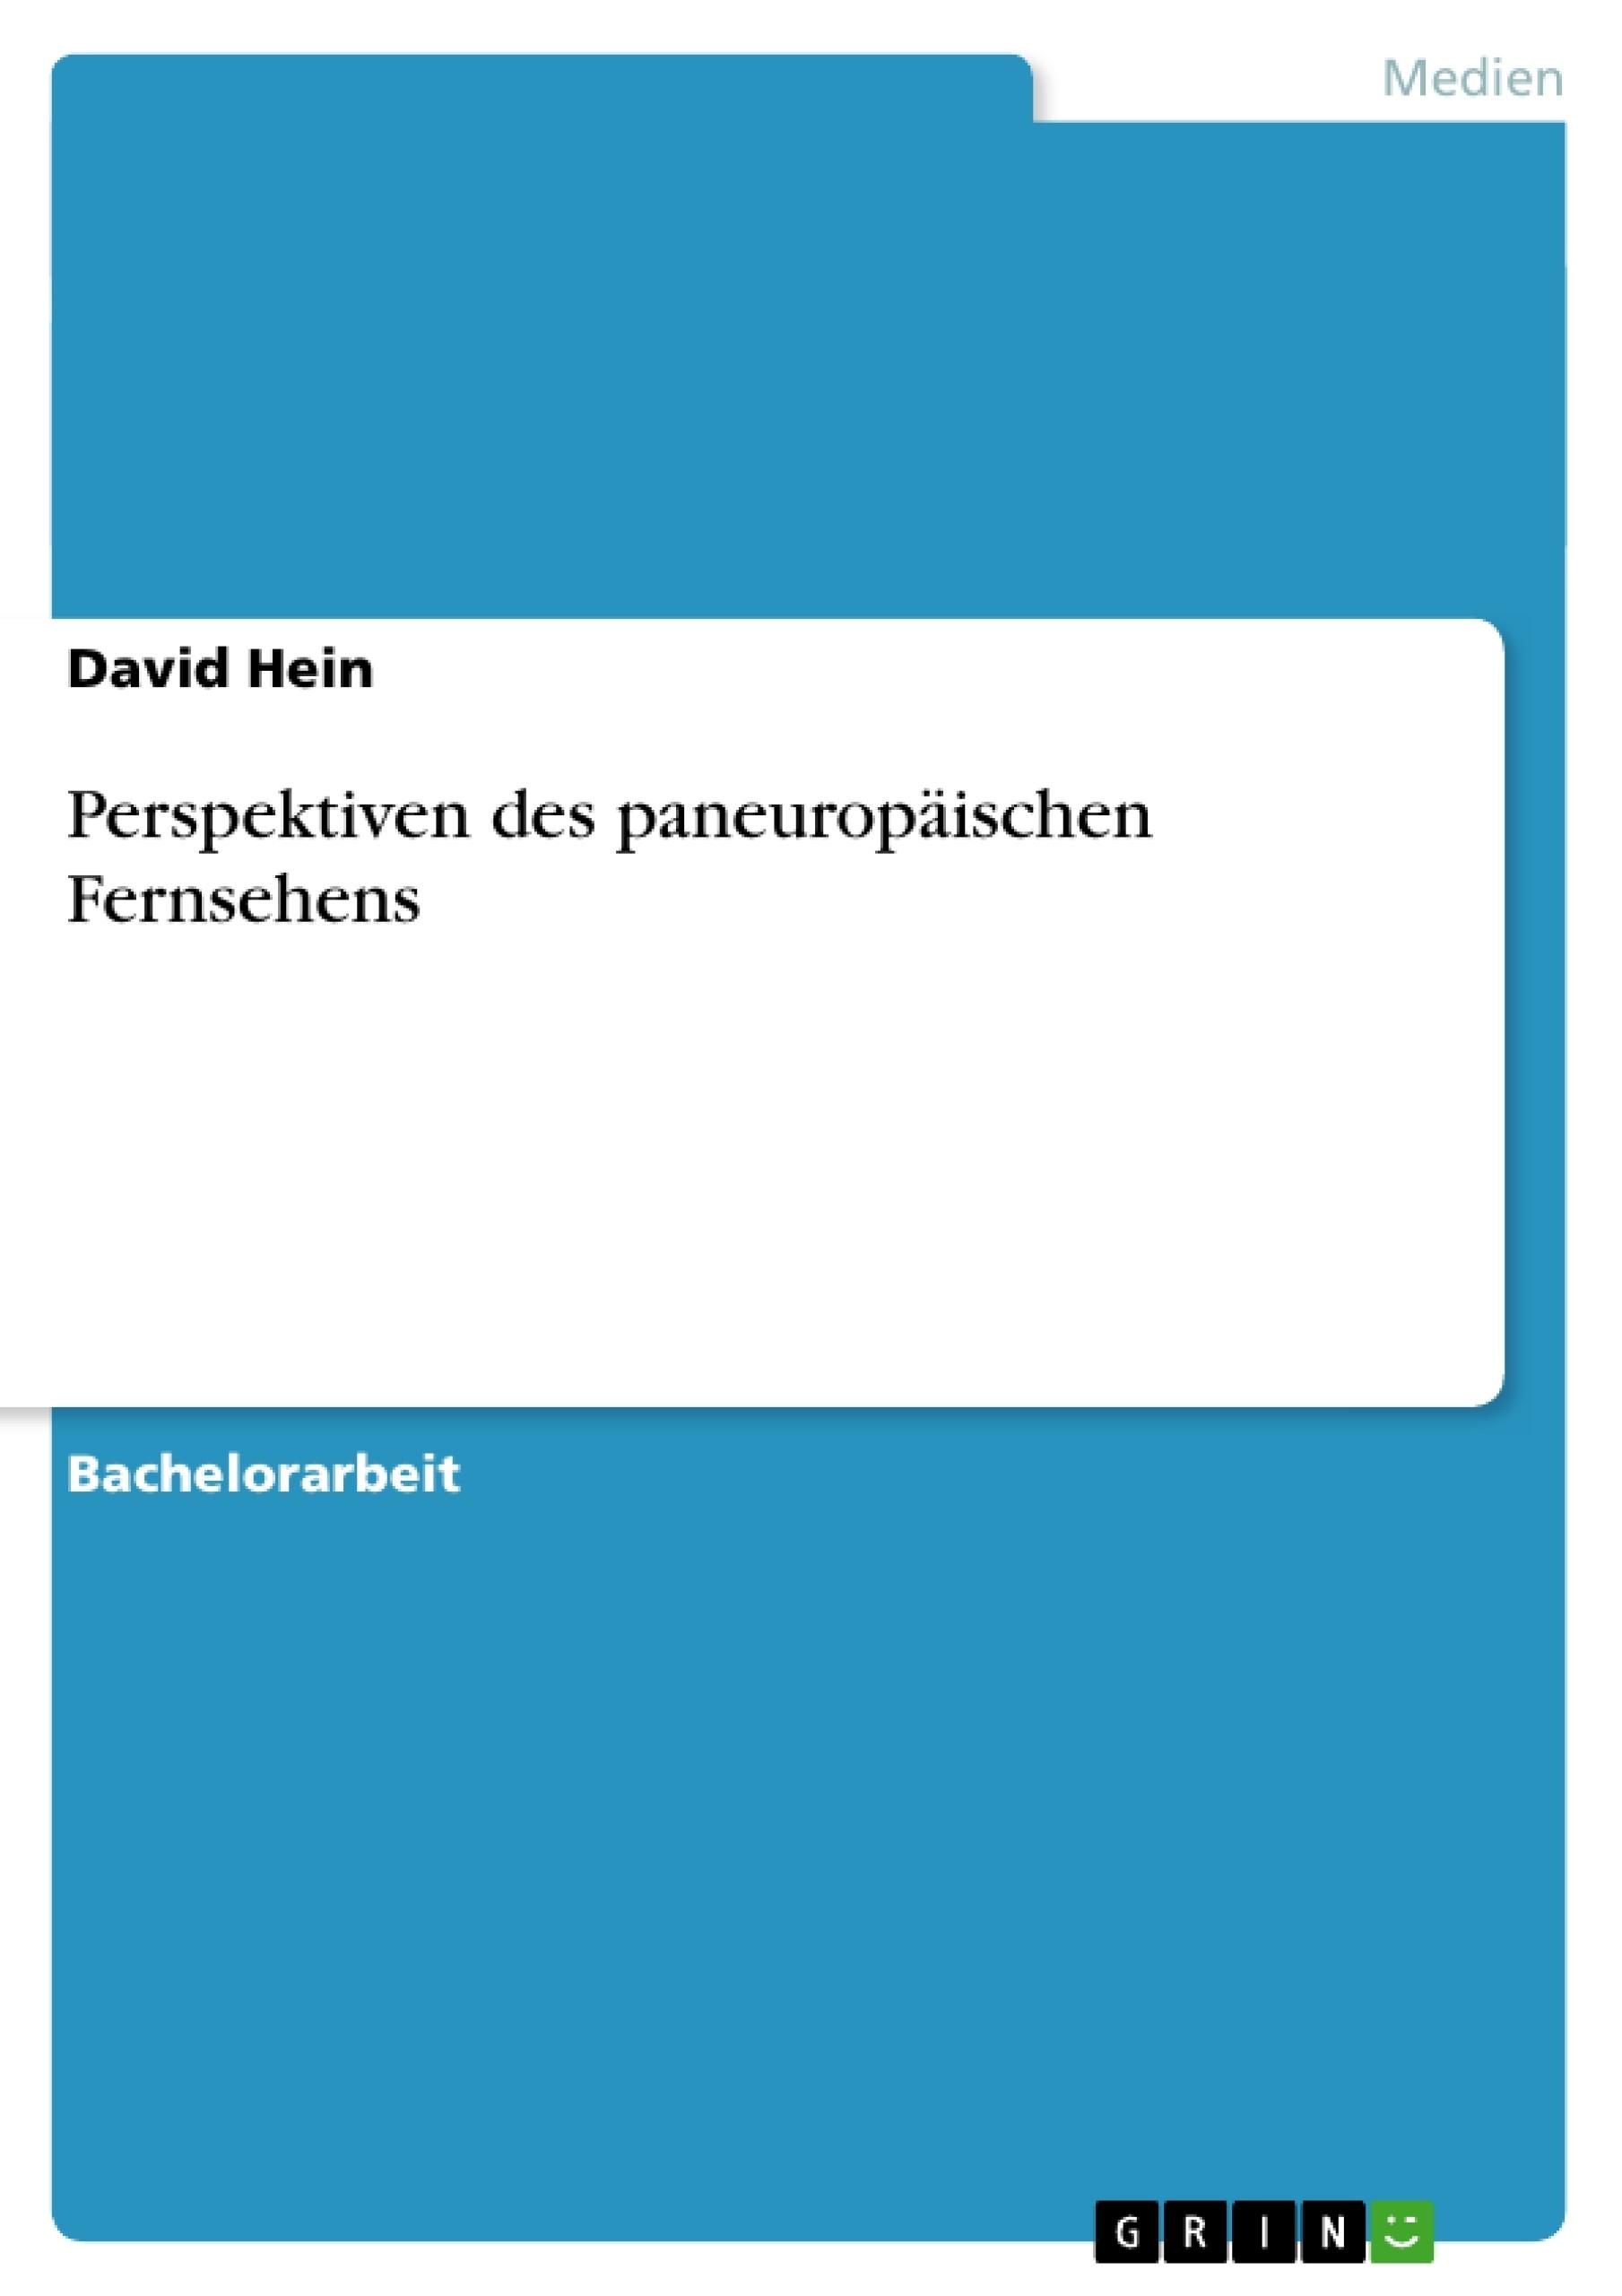 Titel: Perspektiven des paneuropäischen Fernsehens